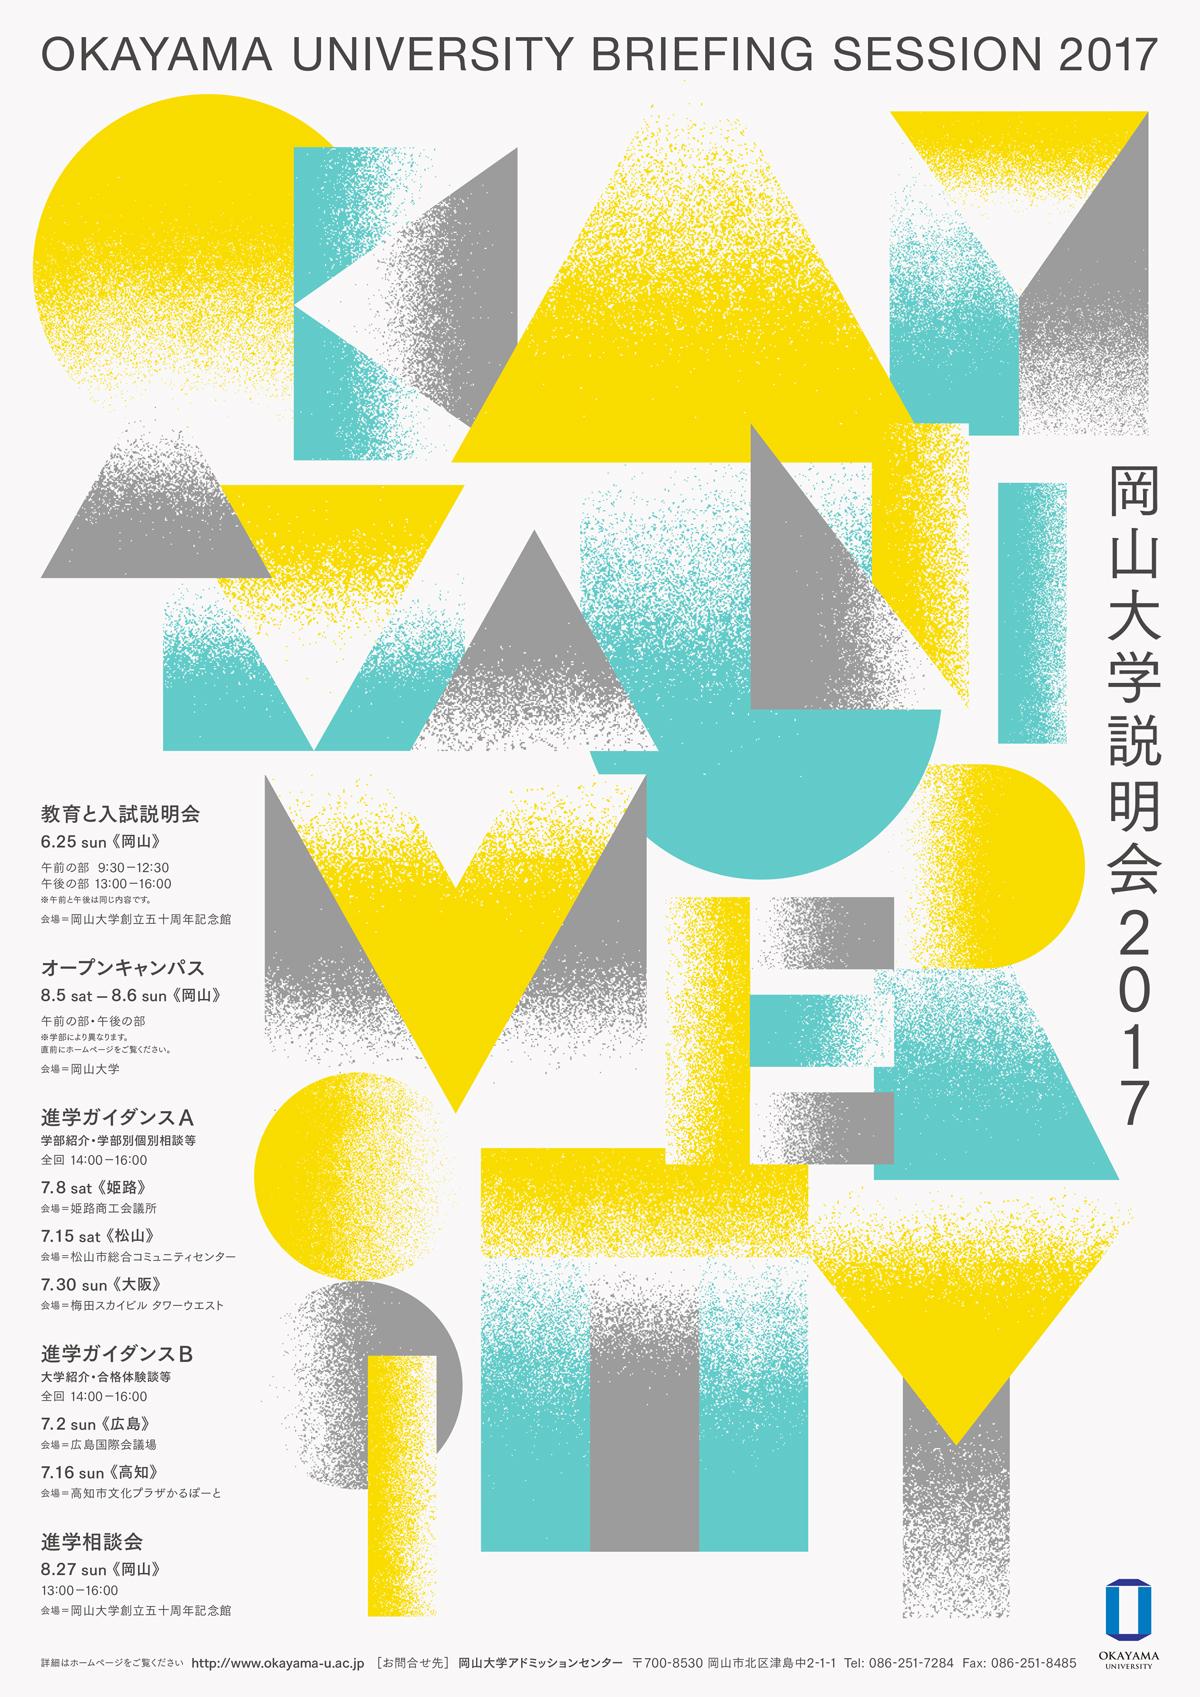 002_okayama_1200px